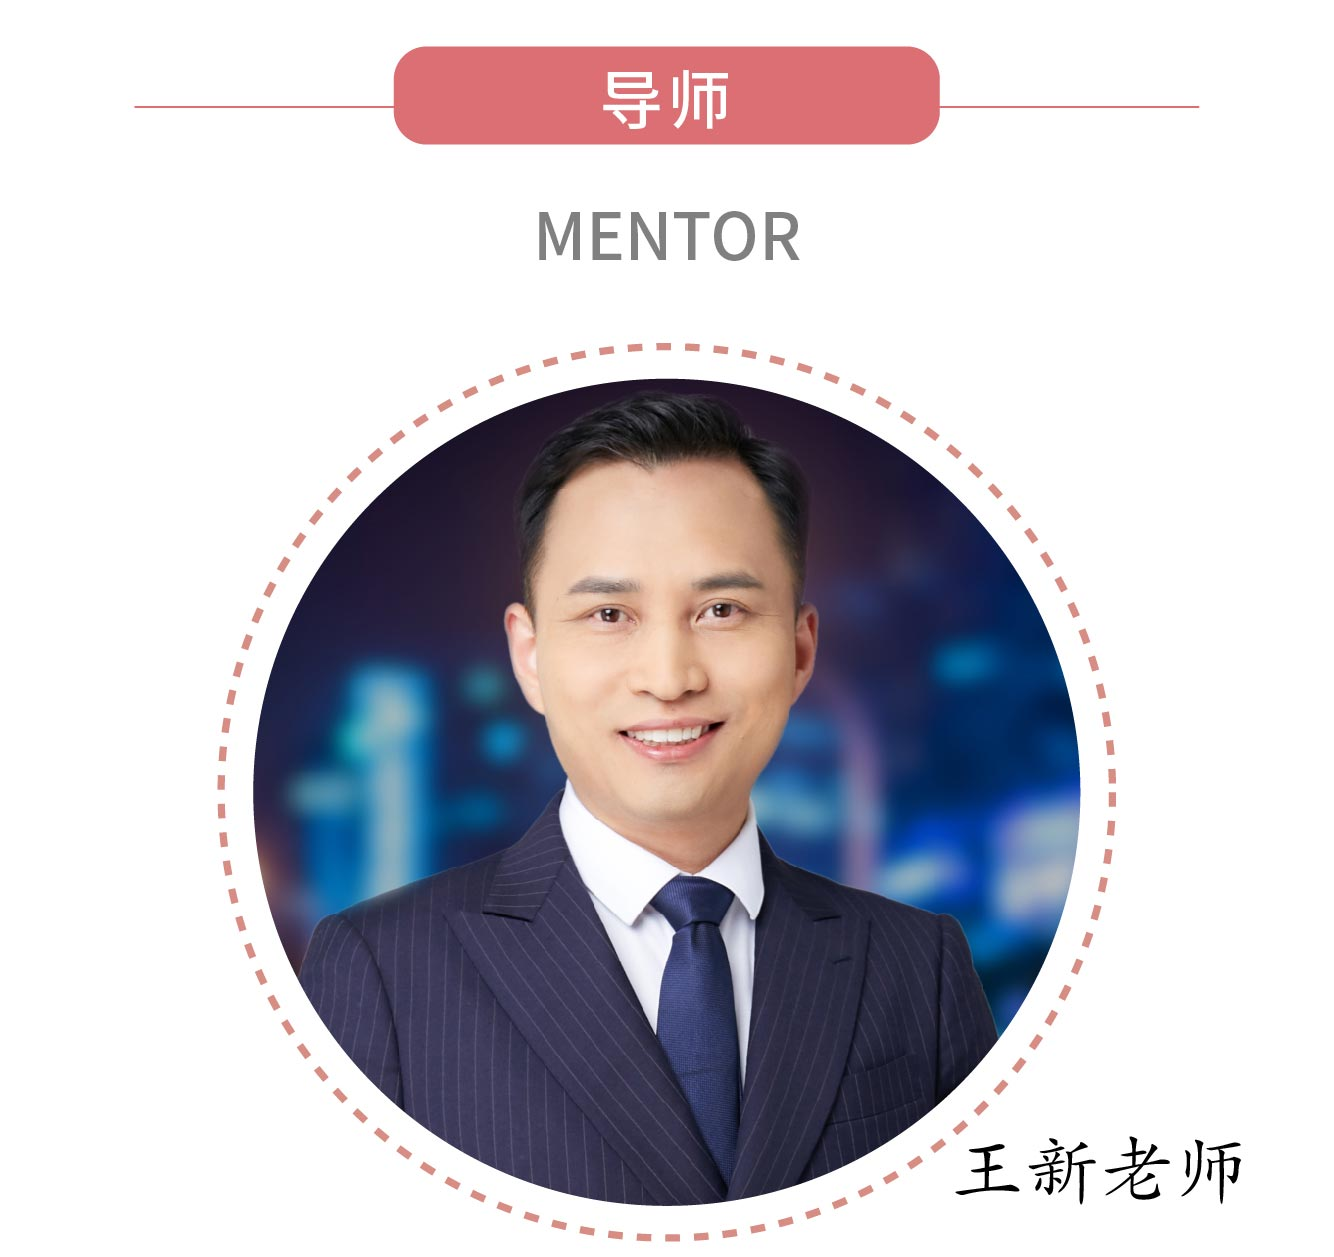 10礼仪培训实战专家王新老师